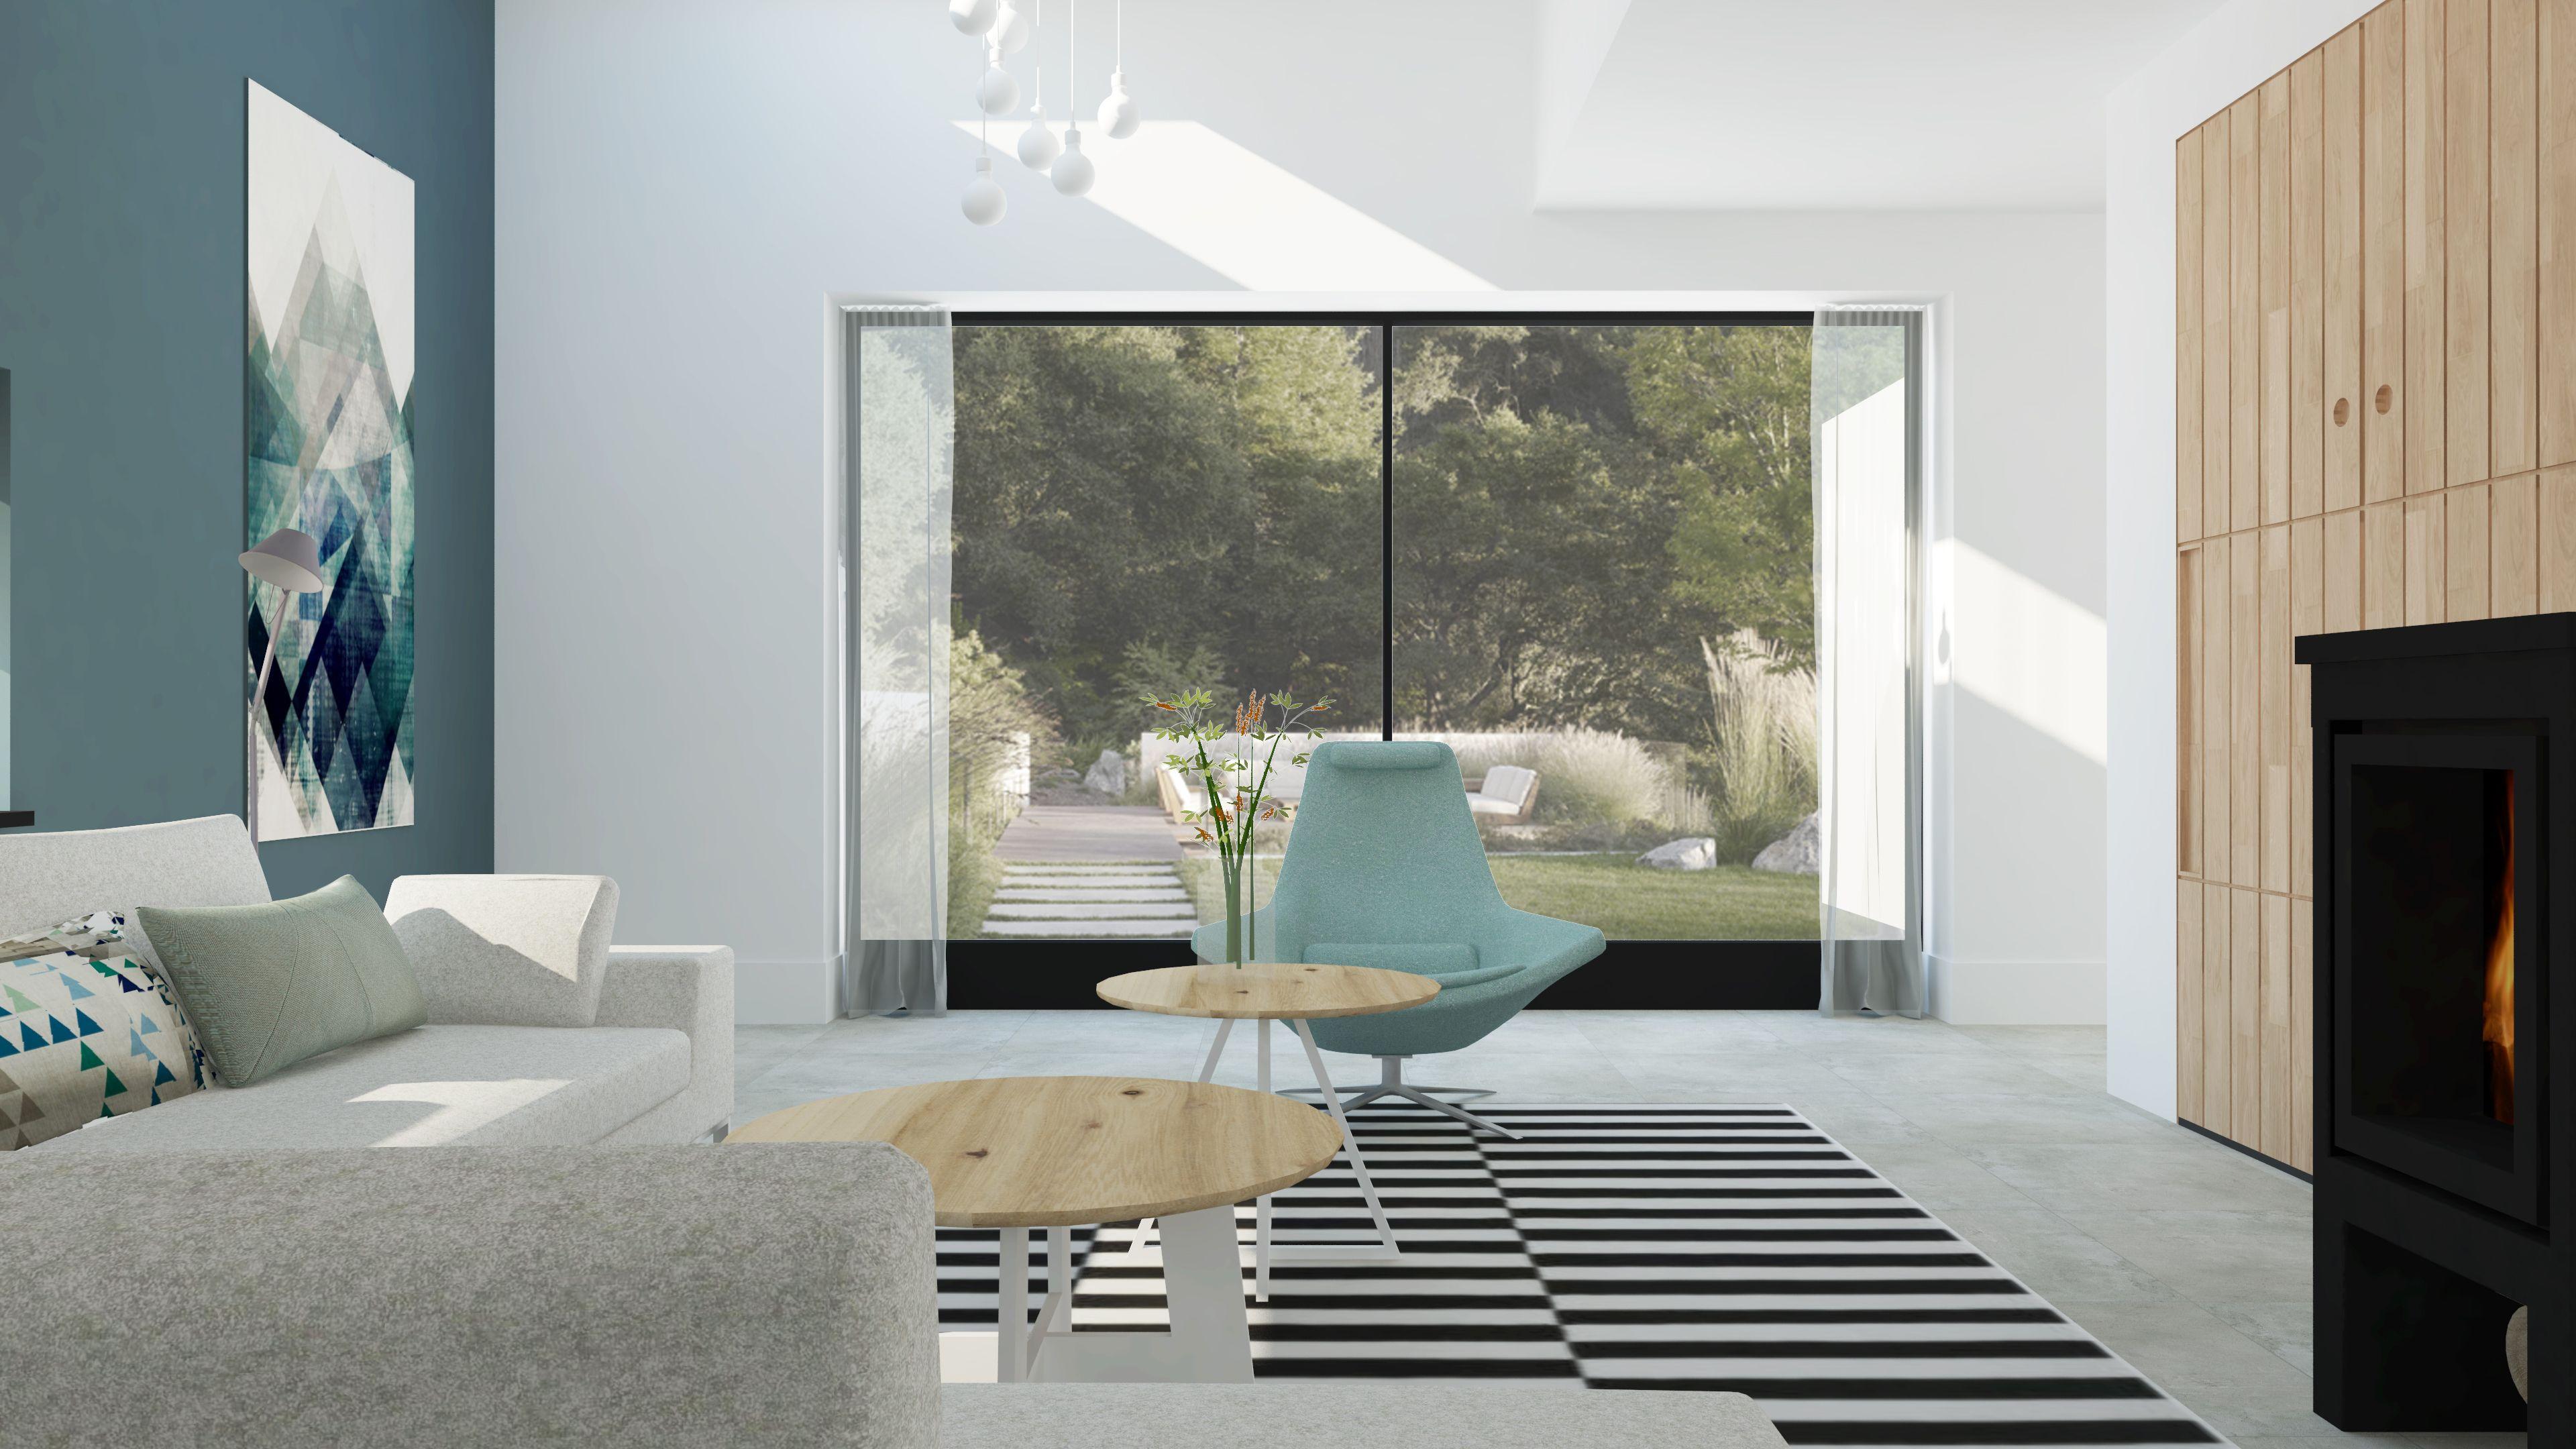 Modern scandinavisch interieur met vide en houtkachel adrianne van dijken interieuradvies - Designer huis exterieur ...